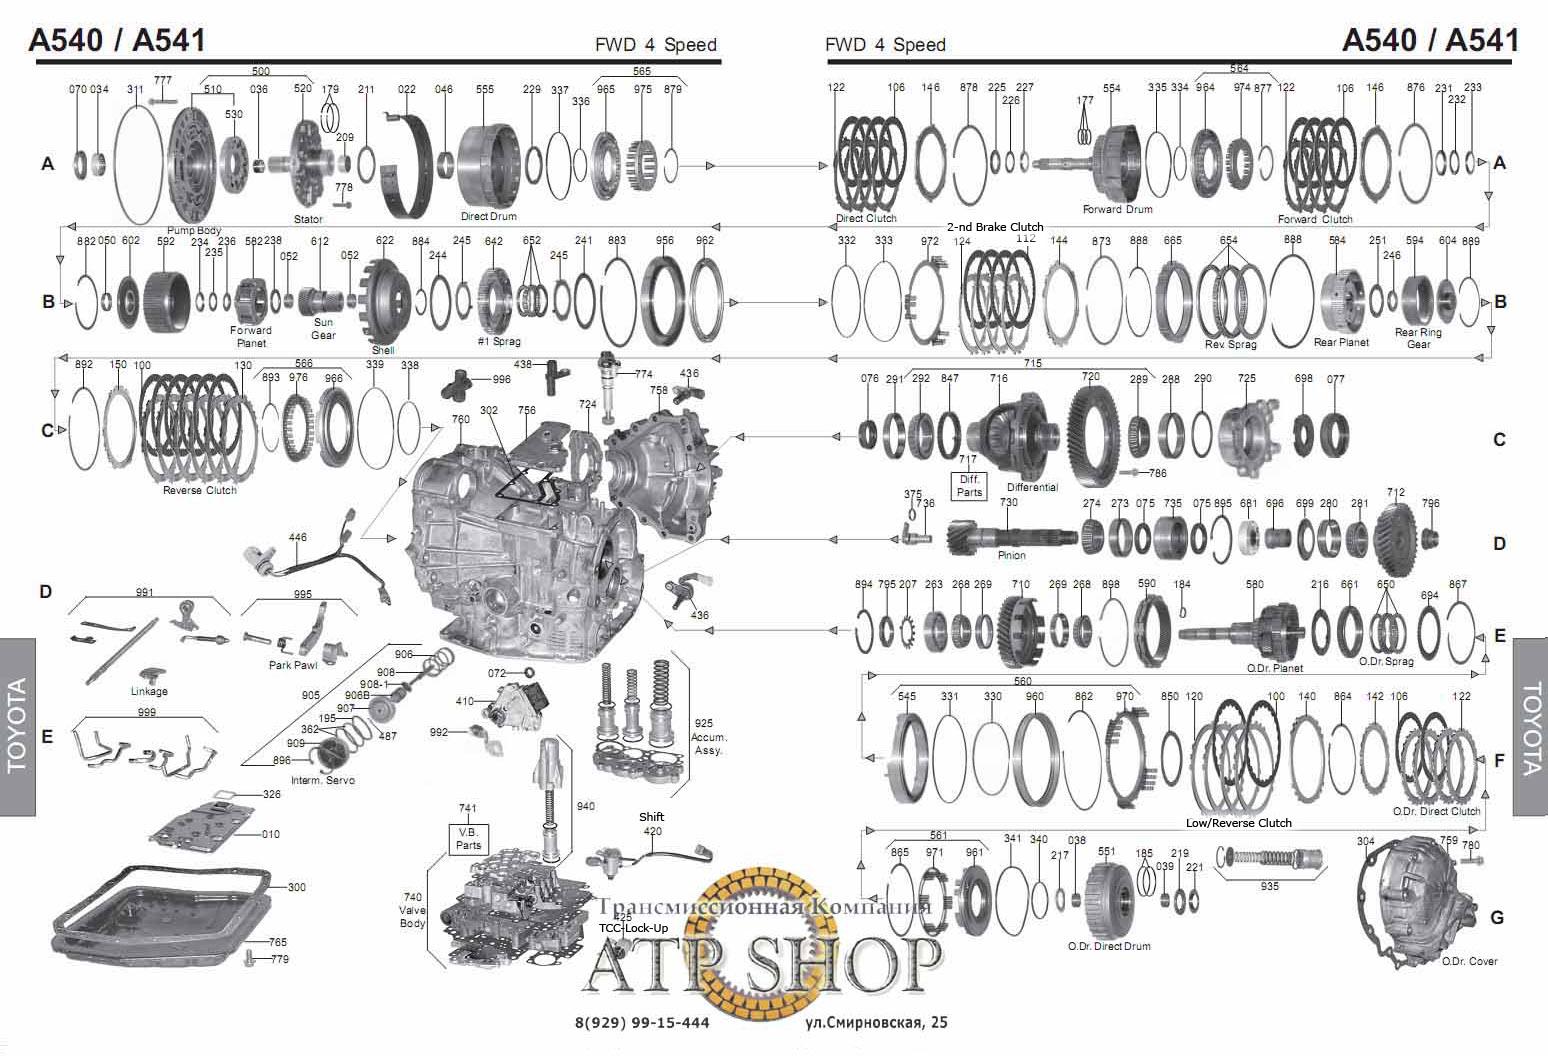 АКПП A540 / A541 справочная информация, Проблемы, типичные